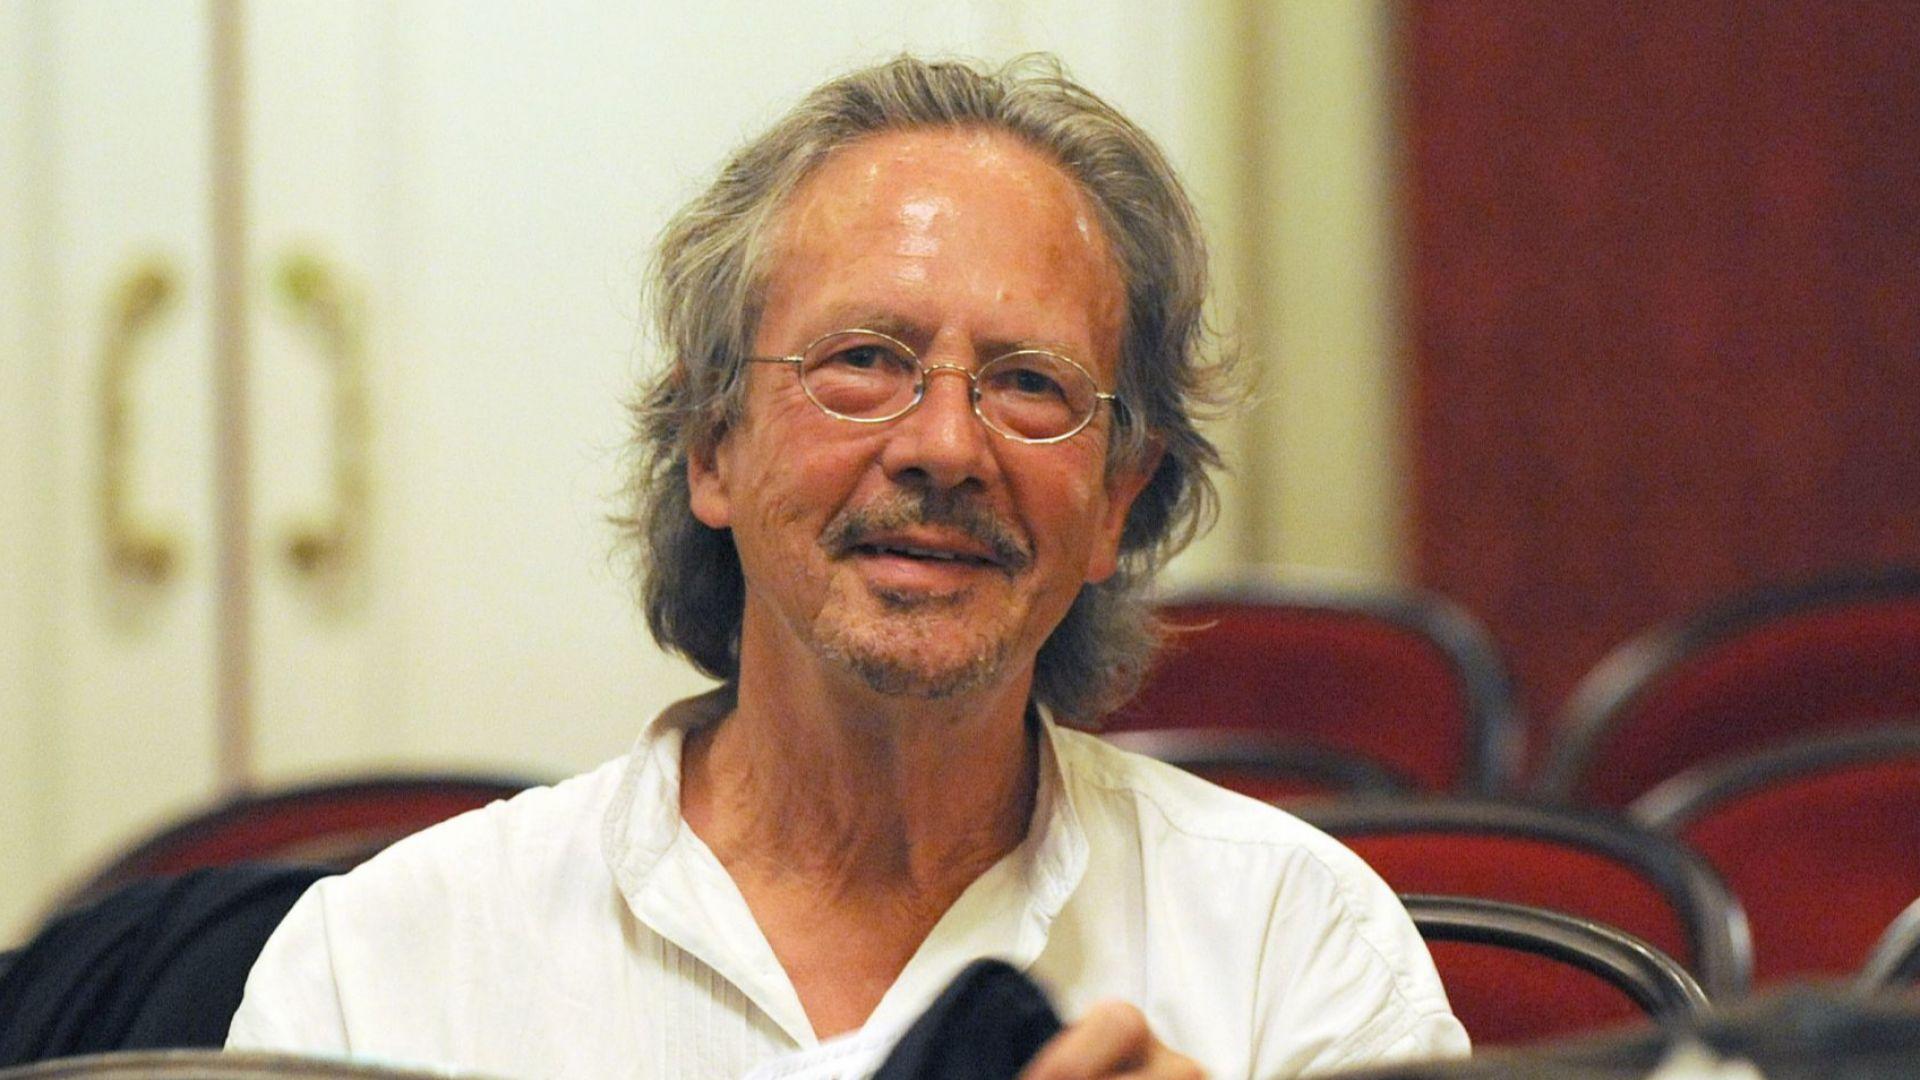 Косово реагира гневно срещу удостояването на австрийския писател Петер Хандке